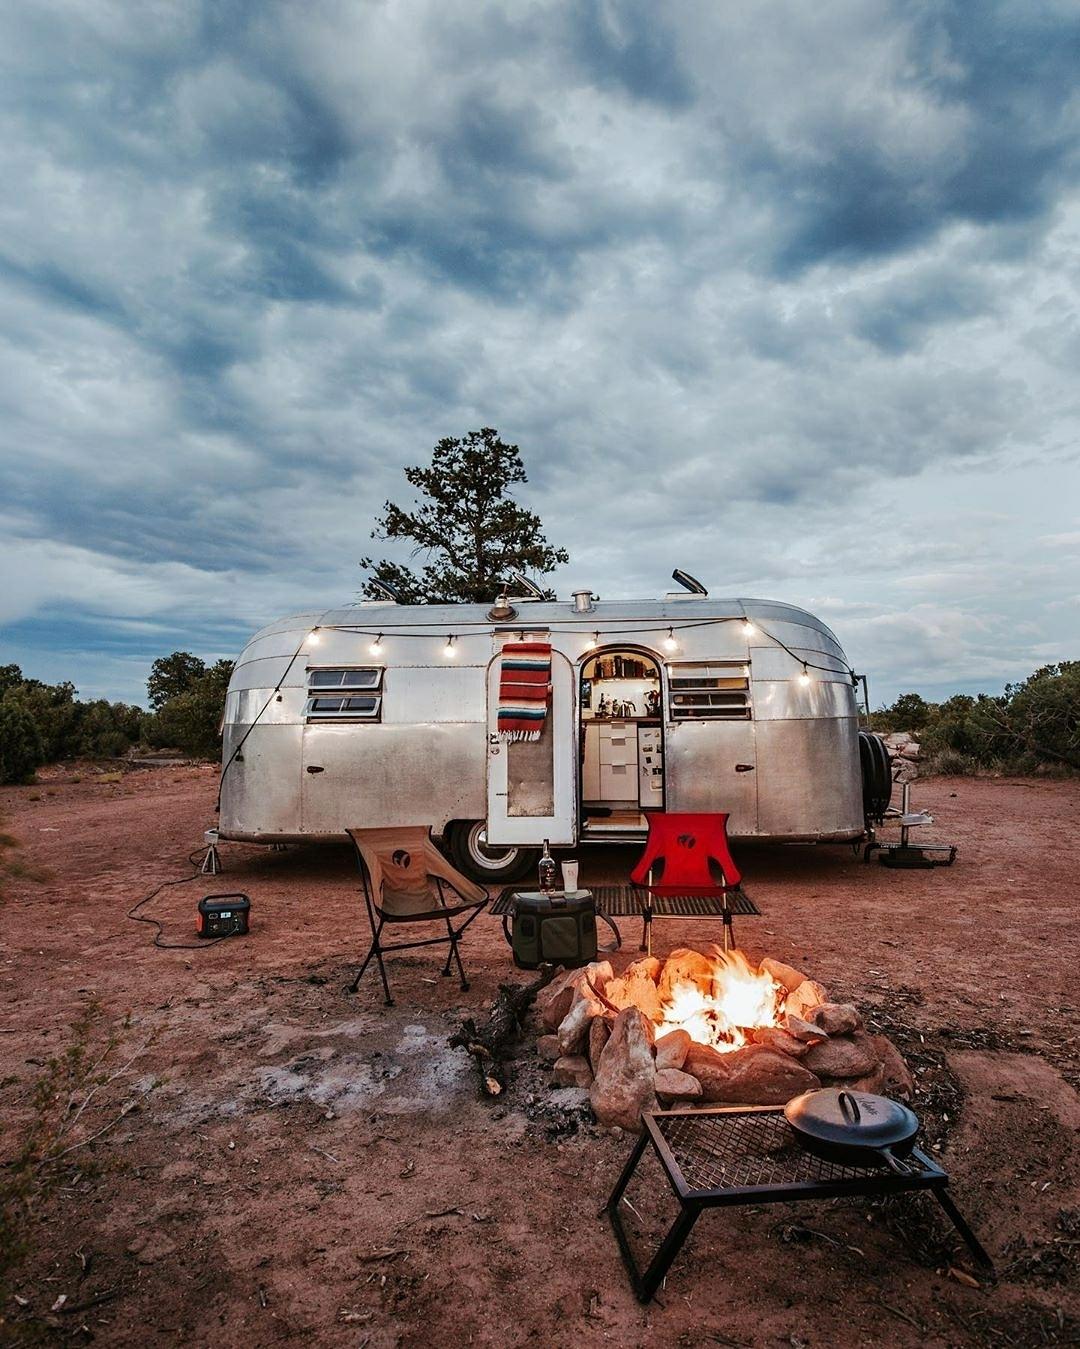 camper at campsite